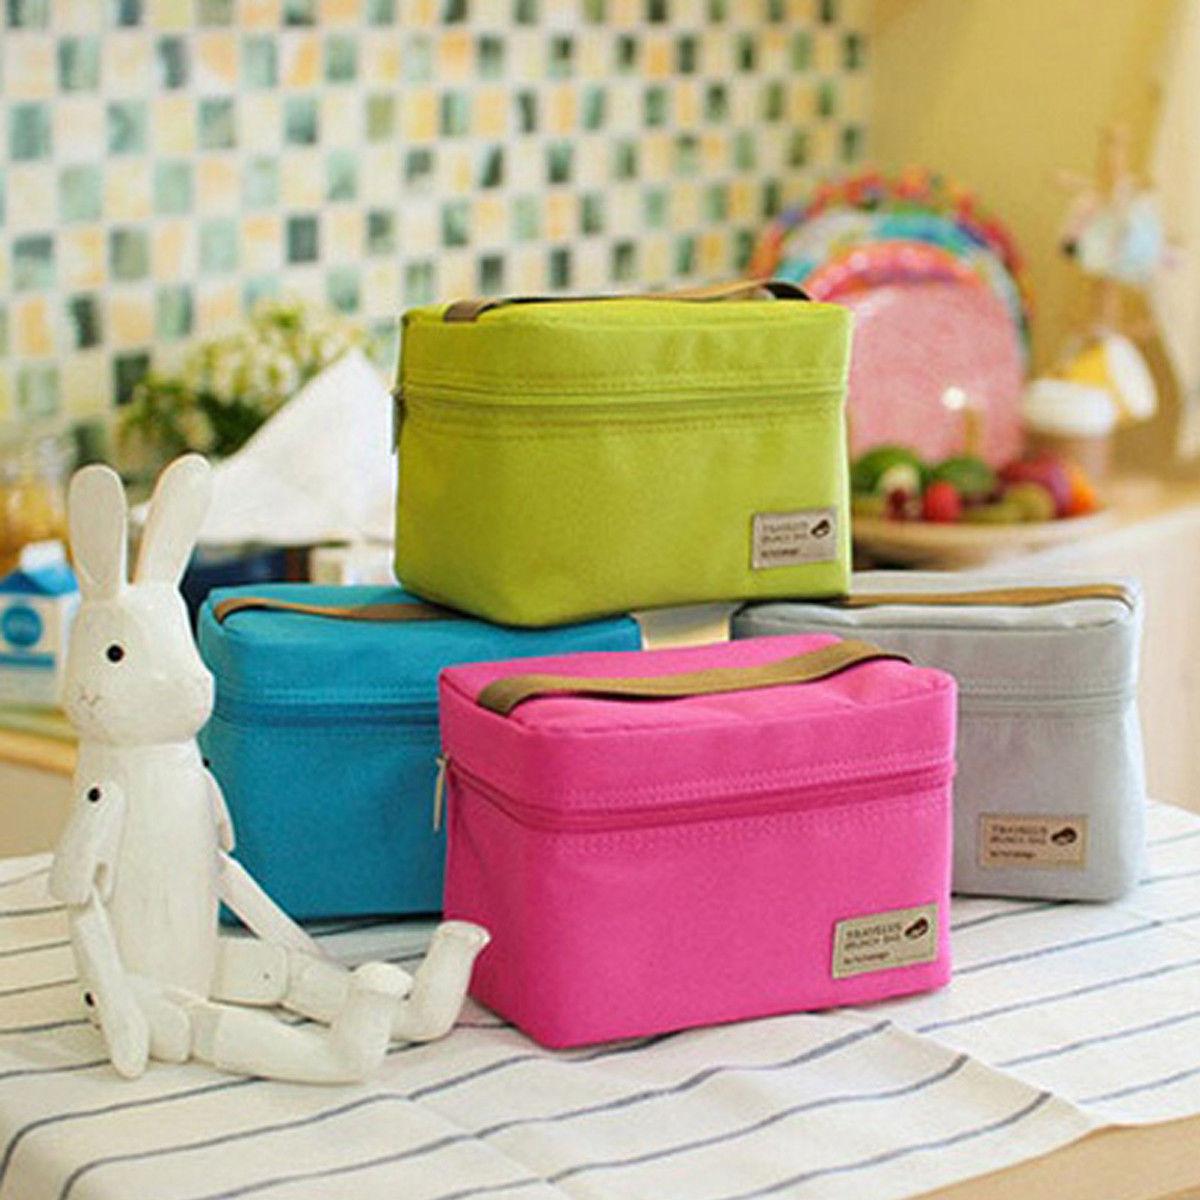 Lancheira térmica portátil, bolsa à prova dágua para carregar piquenique, almoço, caixa de armazenamento, piquenique